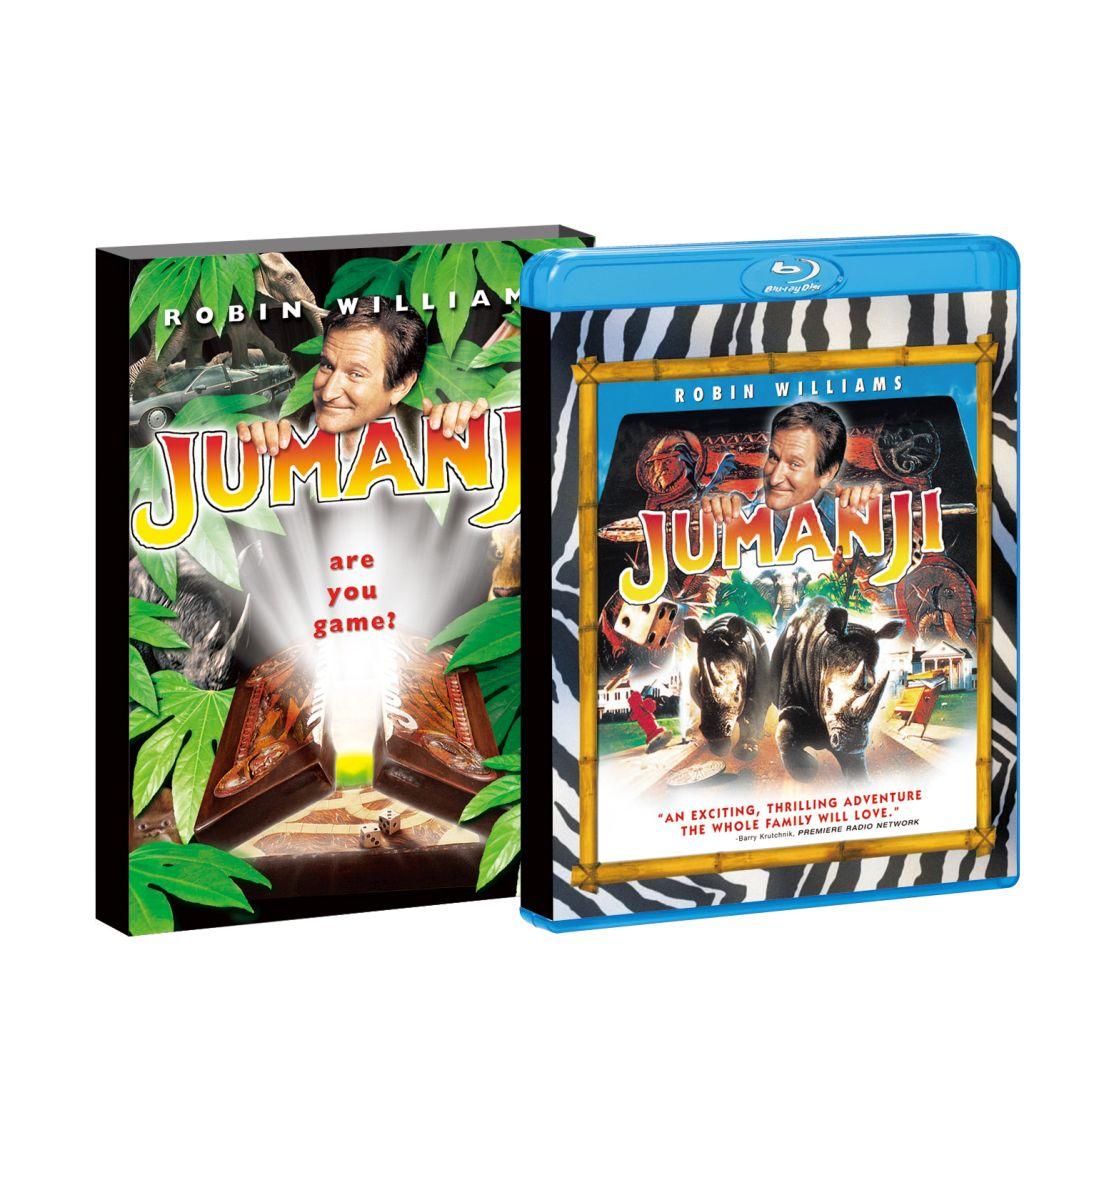 吹替洋画劇場 『ジュマンジ』製作20周年 デラックス エディション【初回生産限定】 【Blu-ray】 [ ロビン・ウィリアムズ ]